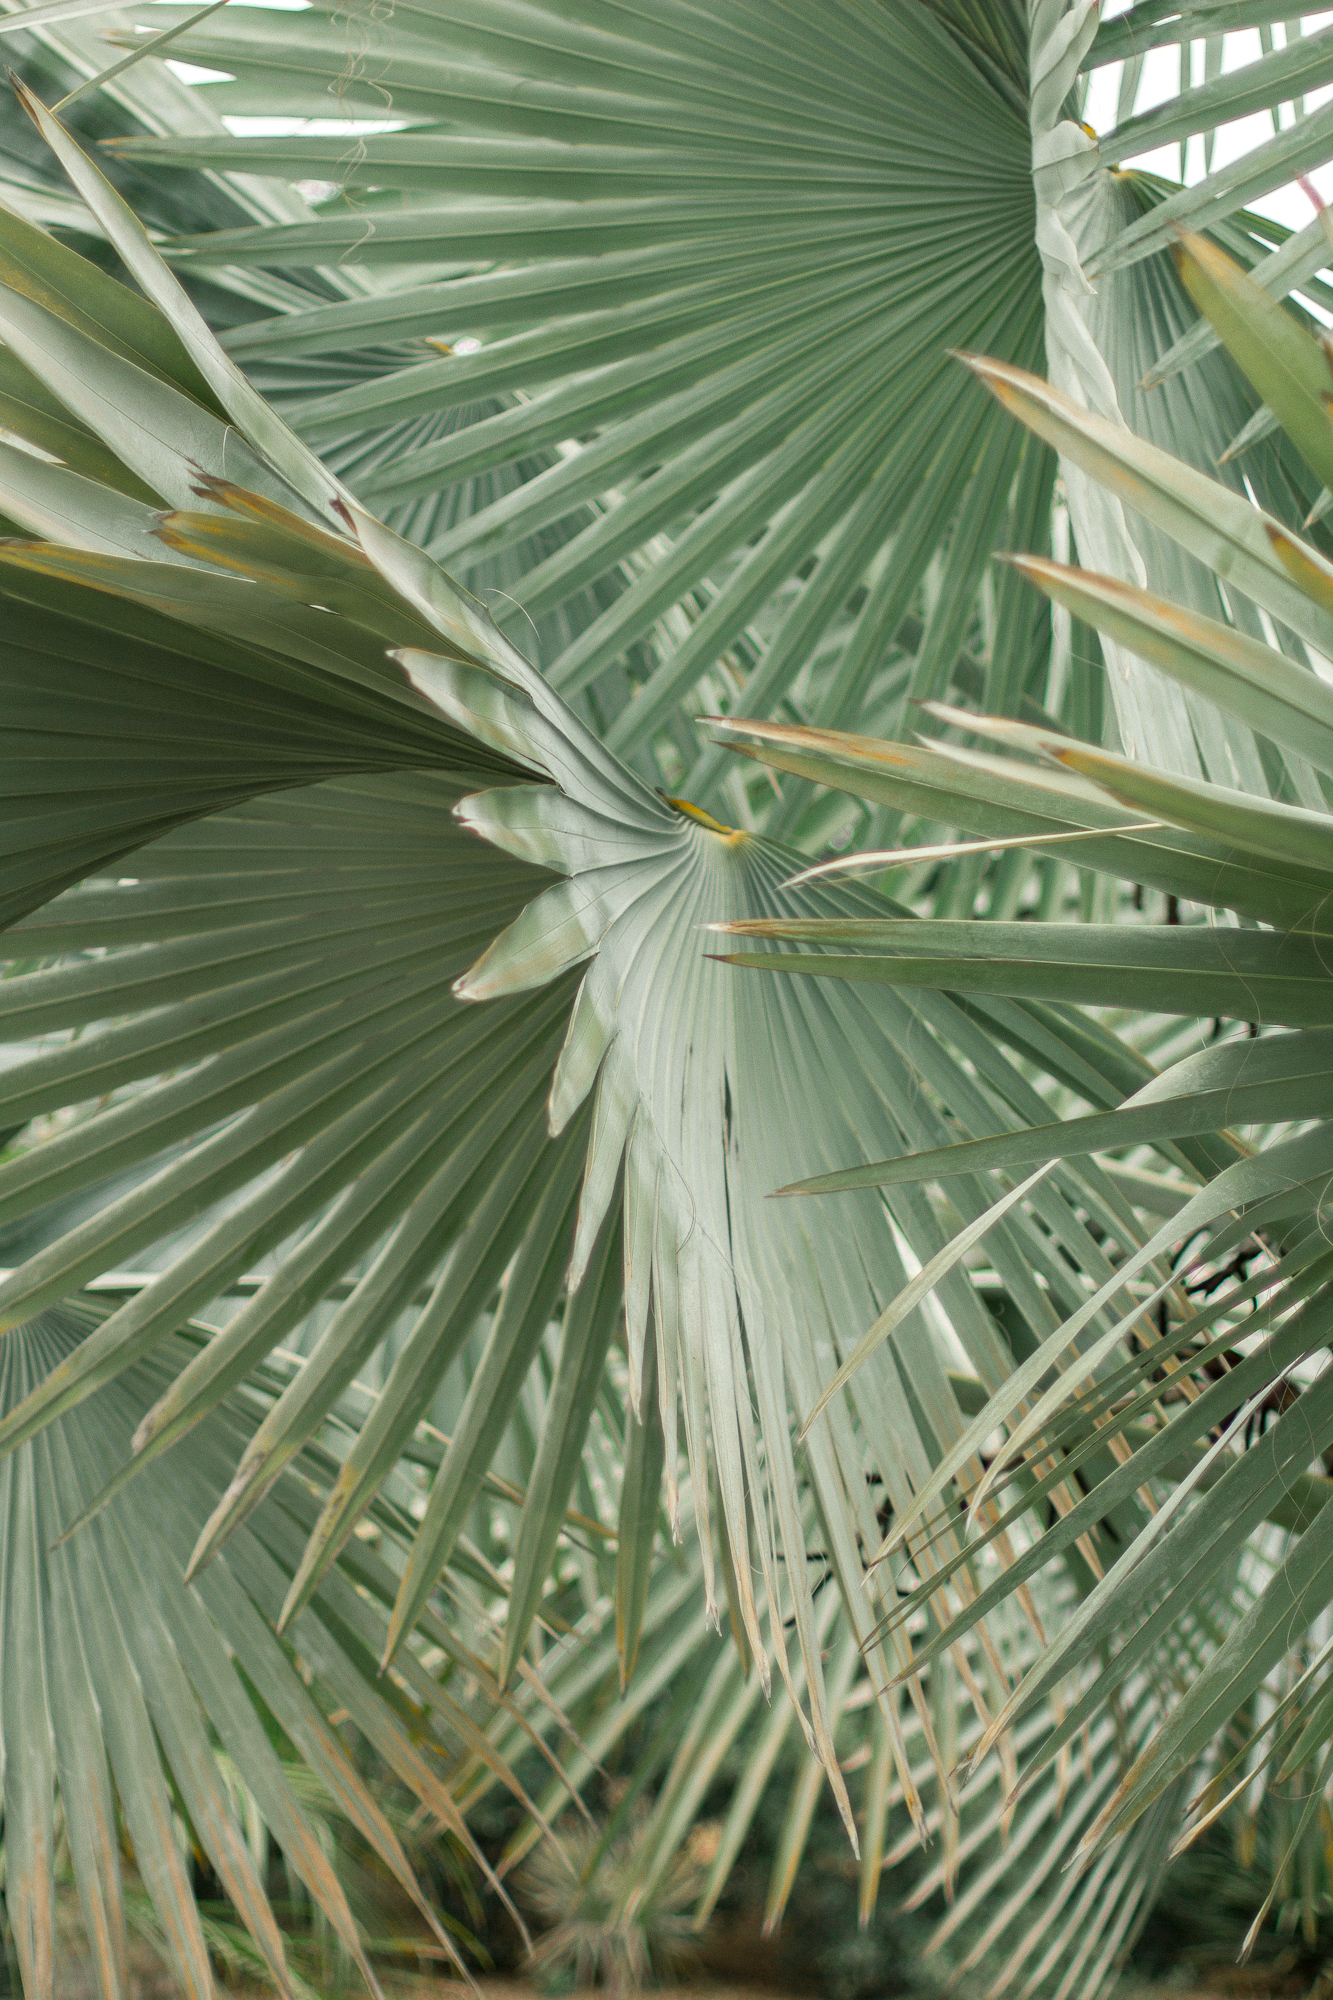 la arboretum 6 fan palm